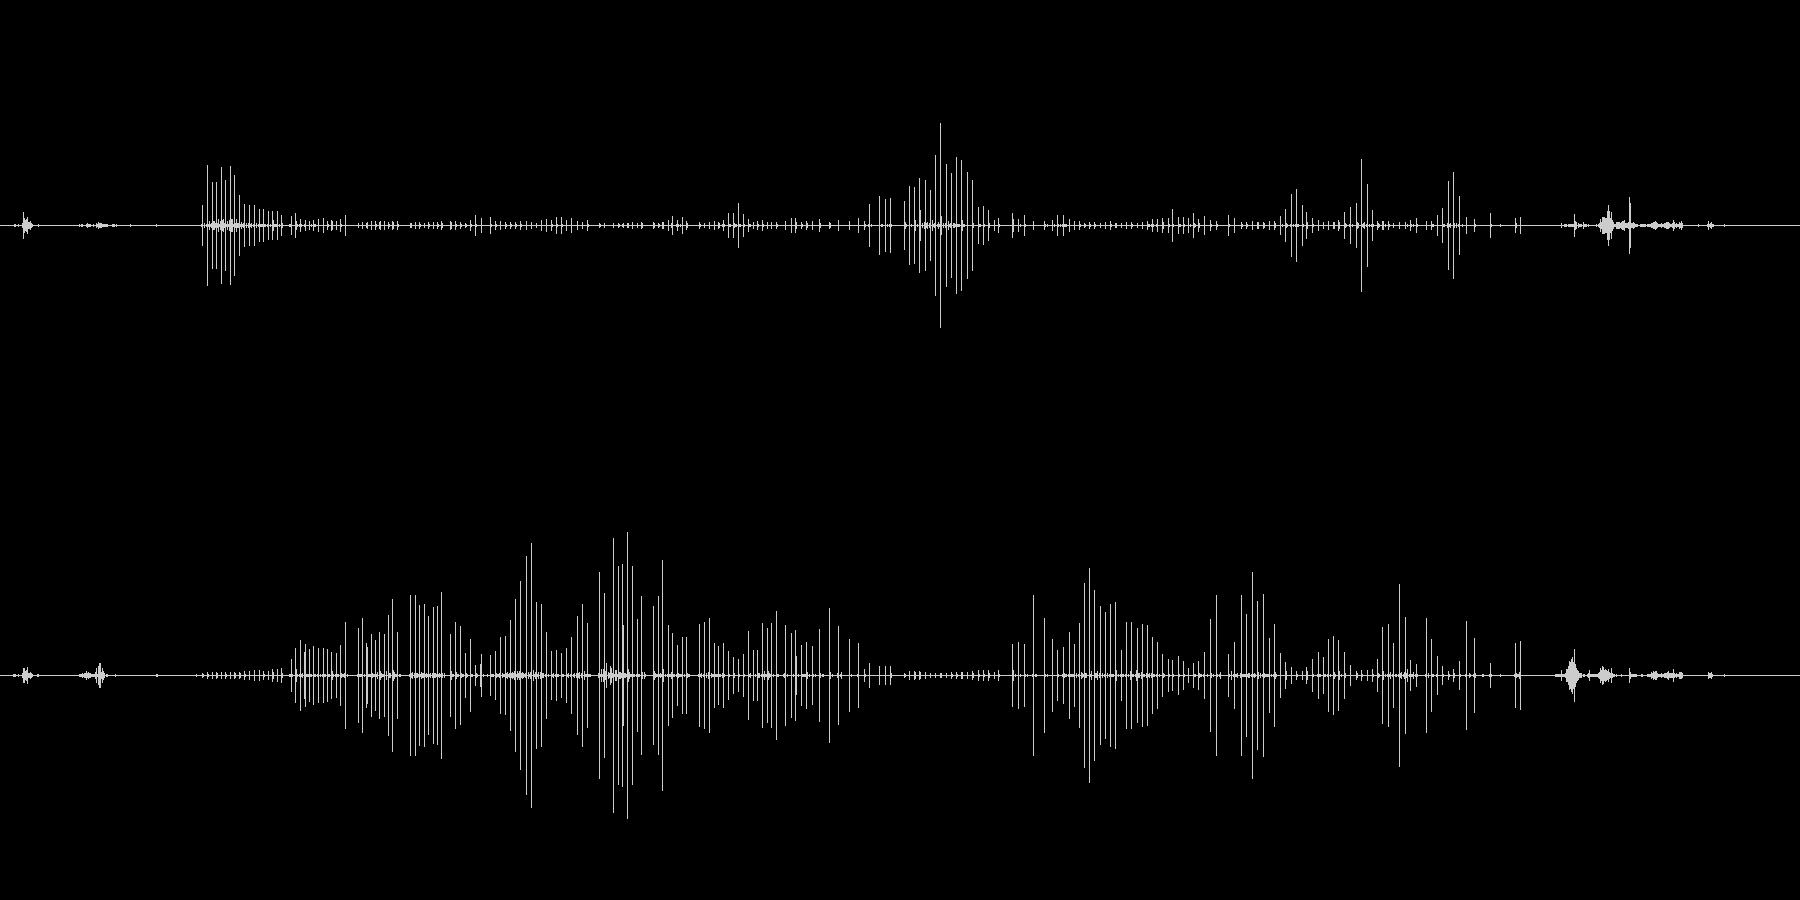 高音質バイノーラル録音 散髪の音の未再生の波形